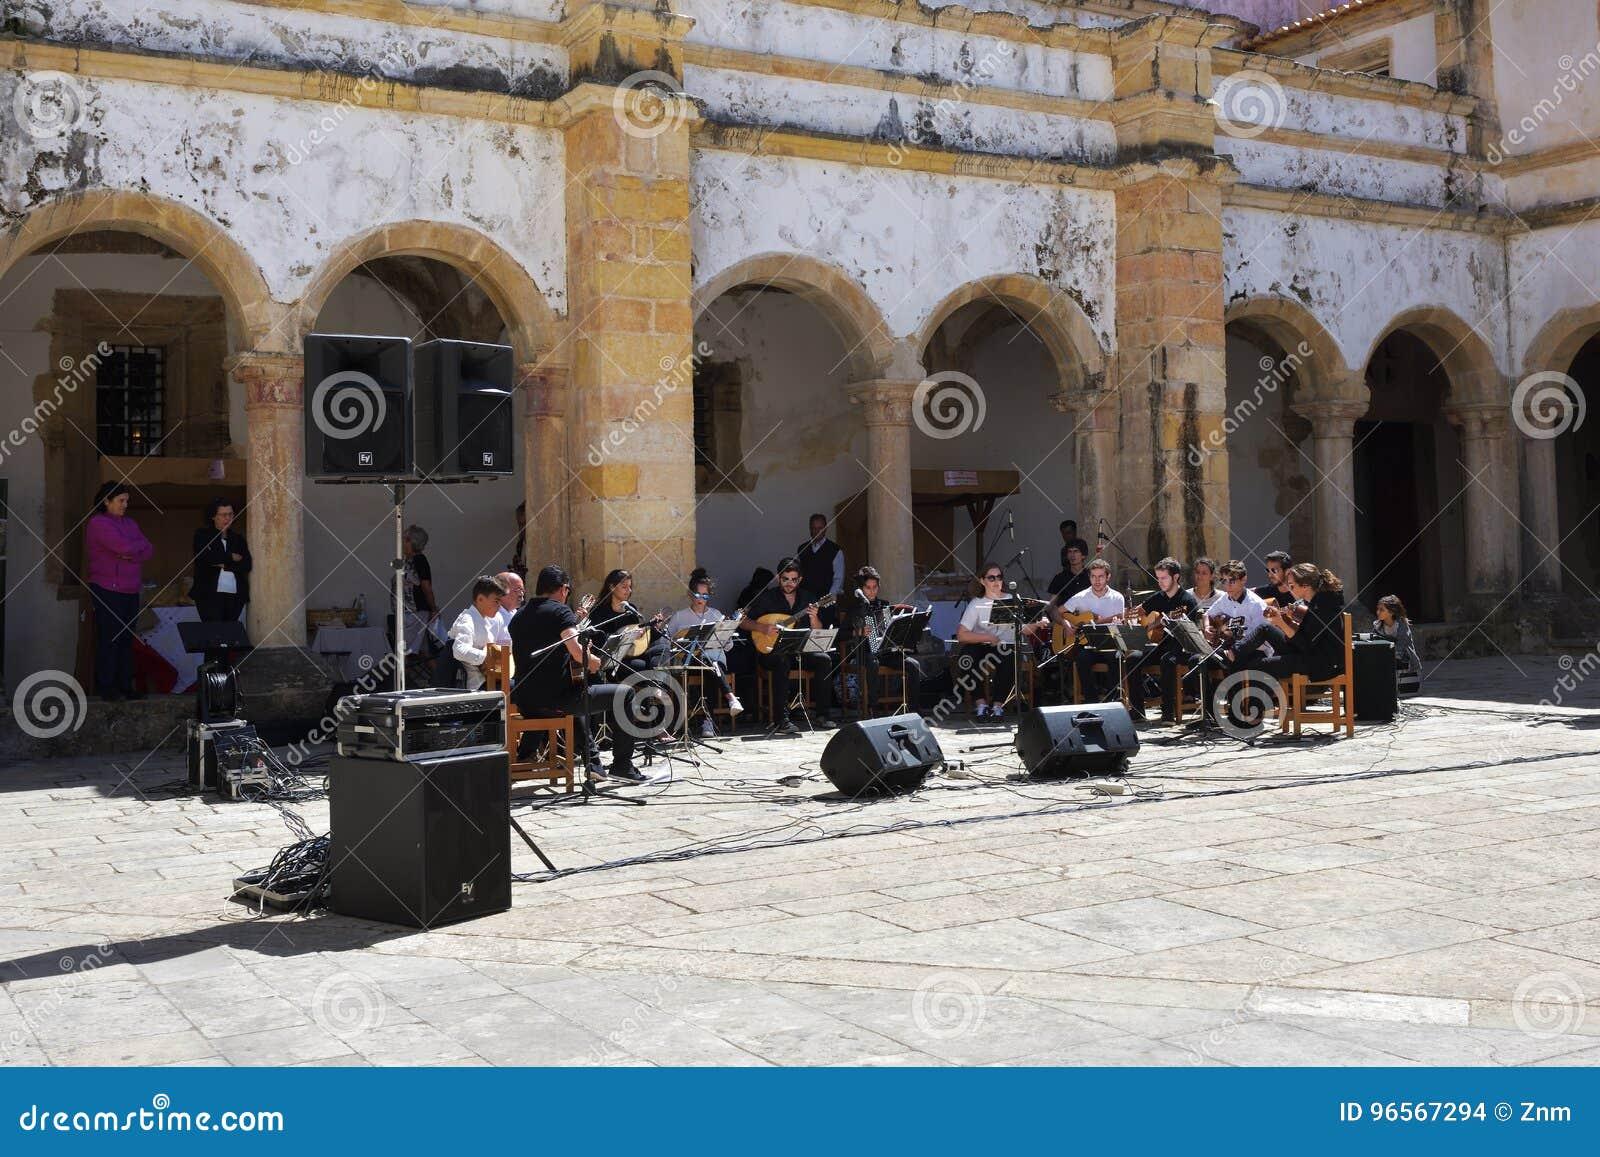 Faro portugal augustus 2018 muziekband messing draad orkest voert.